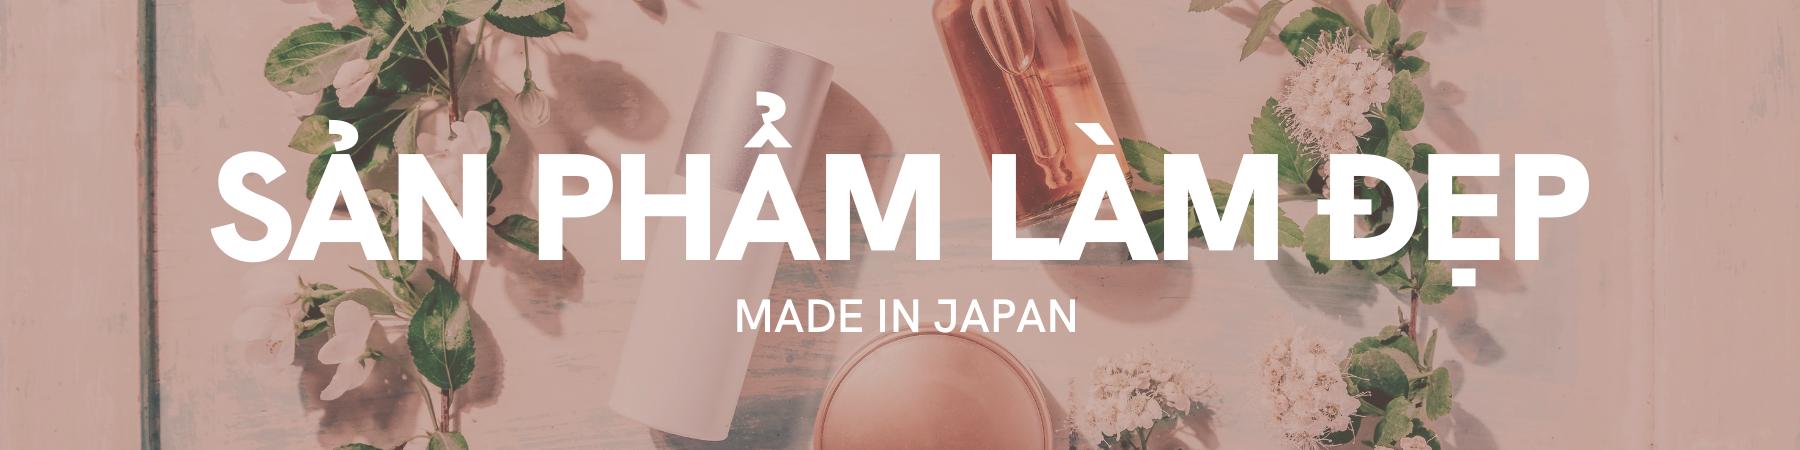 Mua sản phẩm làm đẹp của Nhật qua ZenMarket